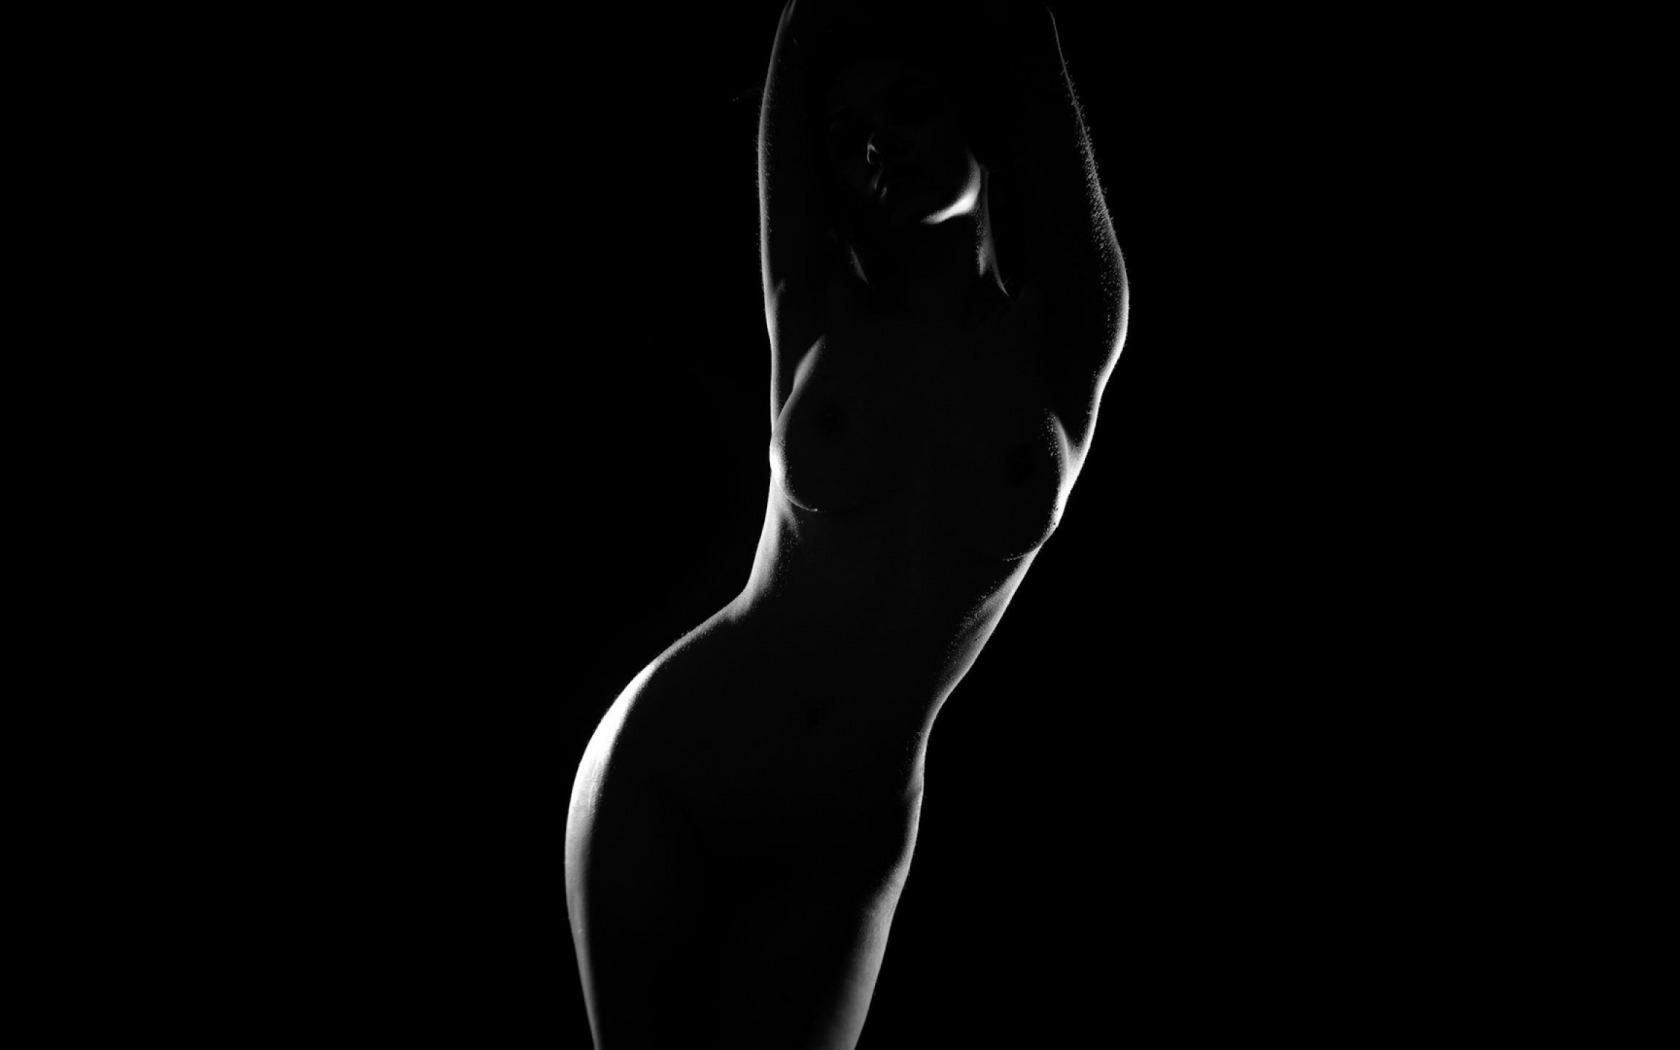 женщина темные эротические обои для рабочего стола сисечки